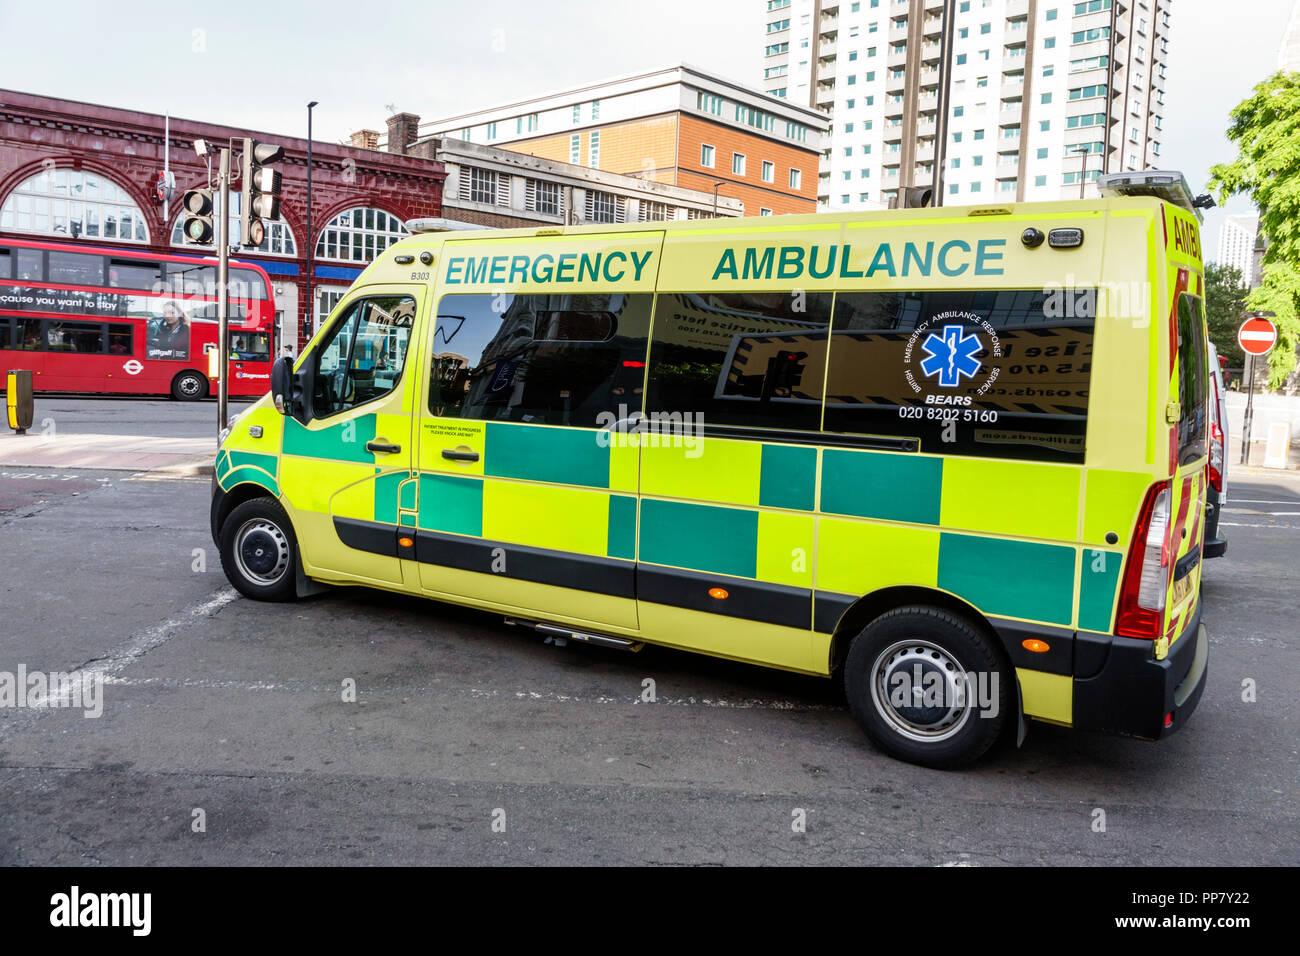 London England Vereinigtes Königreich Großbritannien South Bank Lambeth Einsatzfahrzeug transport Krankenwagen National Health Service NHS BRITISCHE Not Amb Stockbild